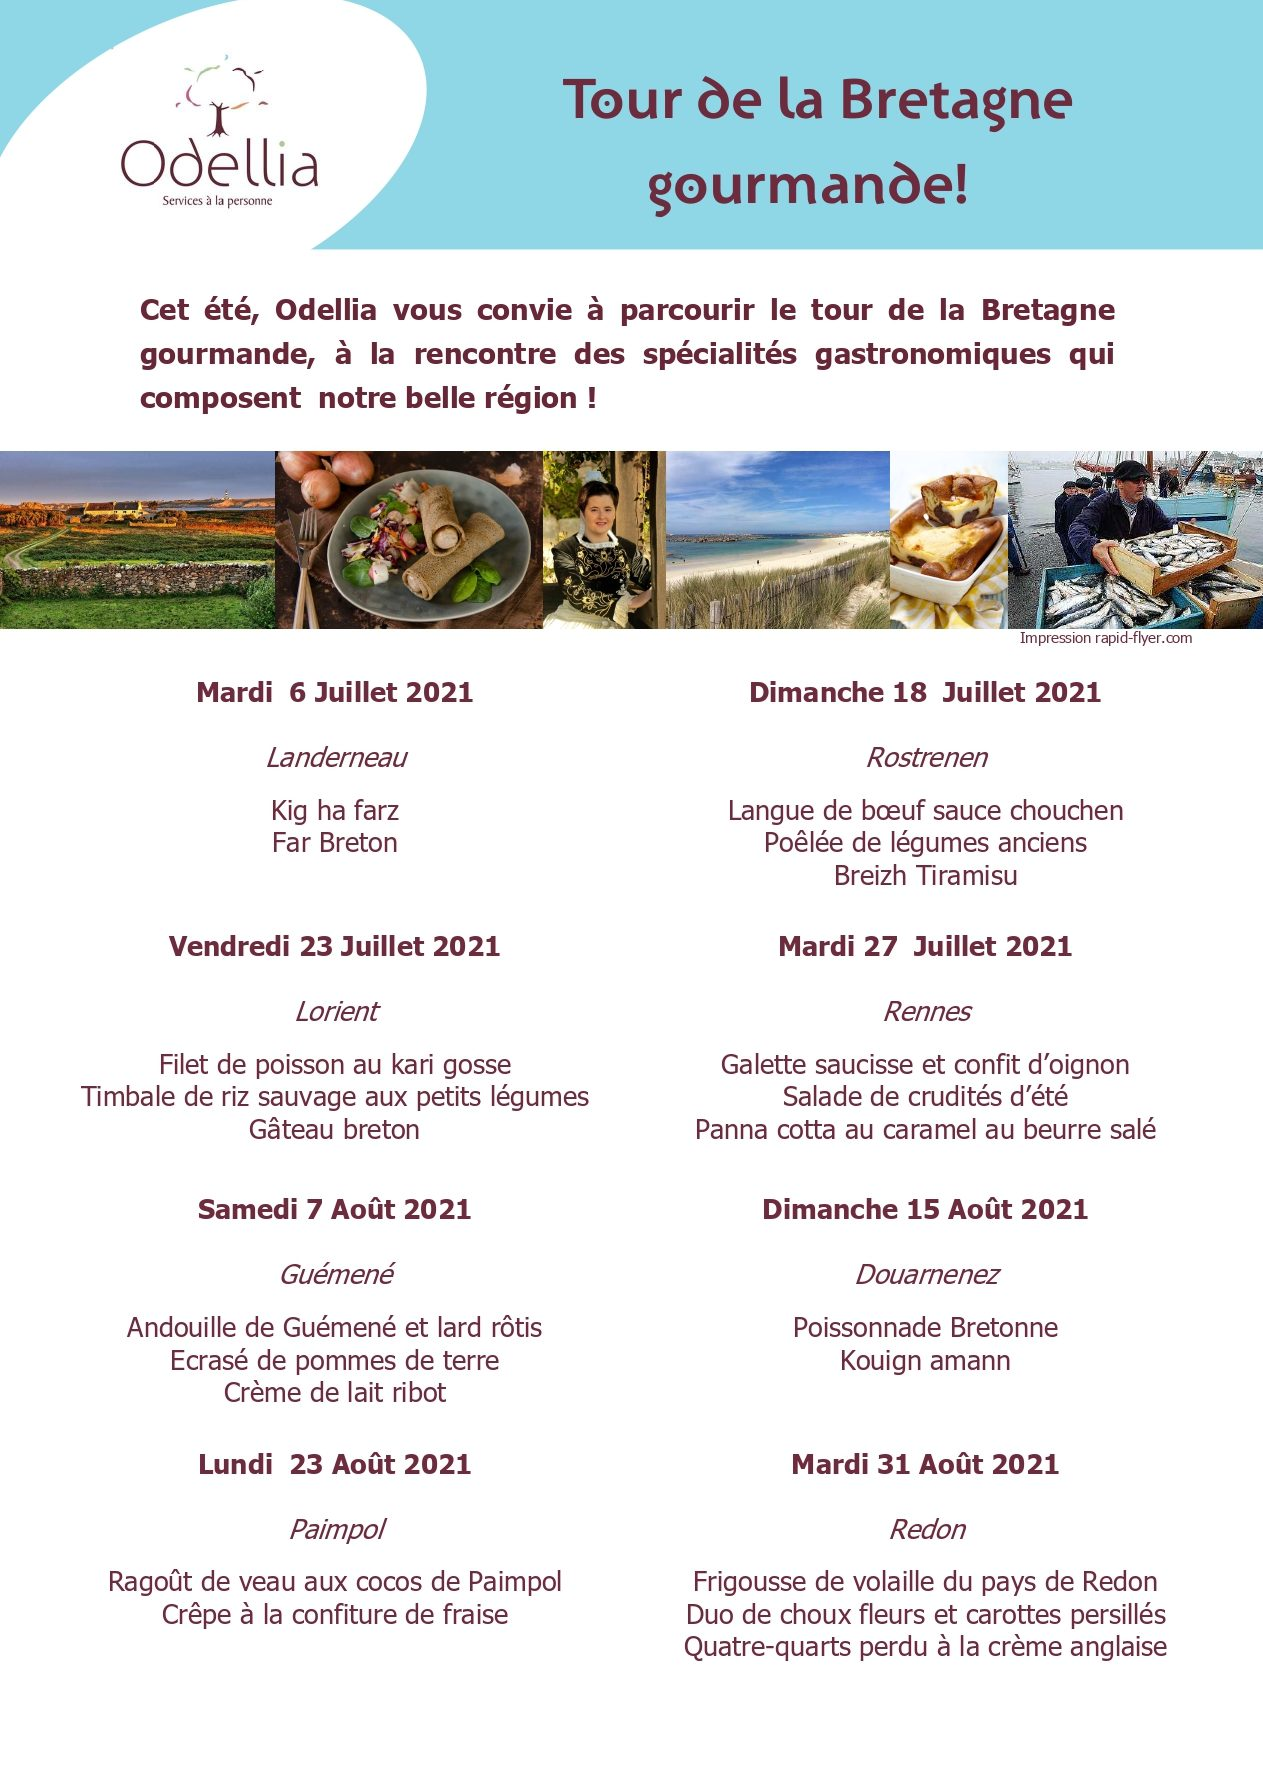 tour de la Bretagne gourmande proposé par Odellia, société de portage de repas à domicile.